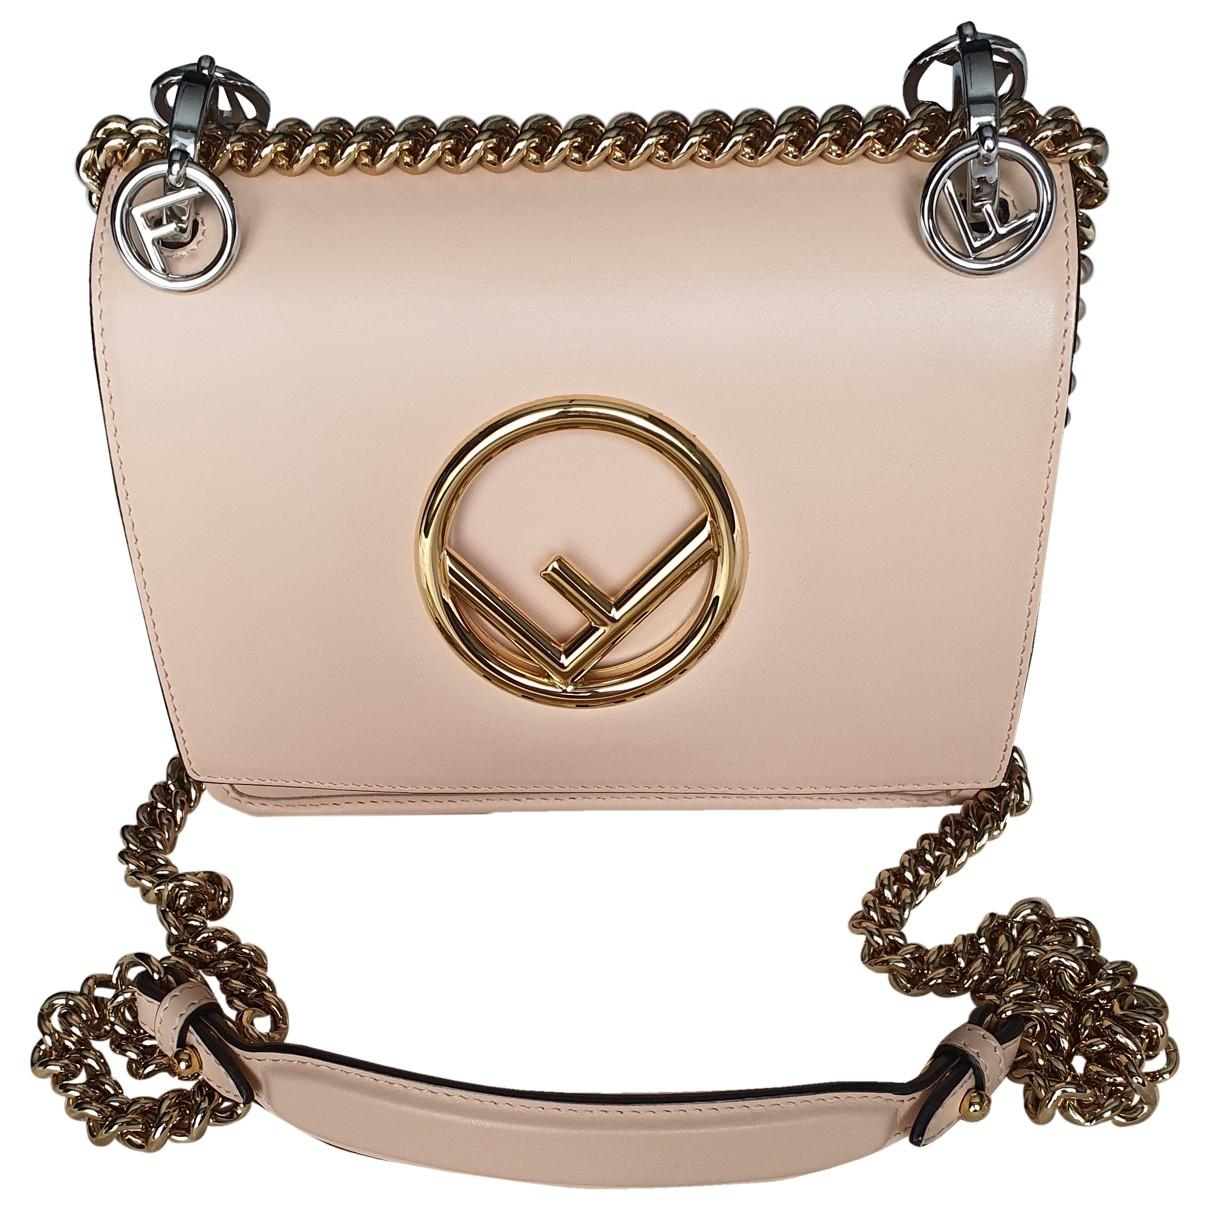 Fendi Kan I Logo Handtasche in  Beige Leder